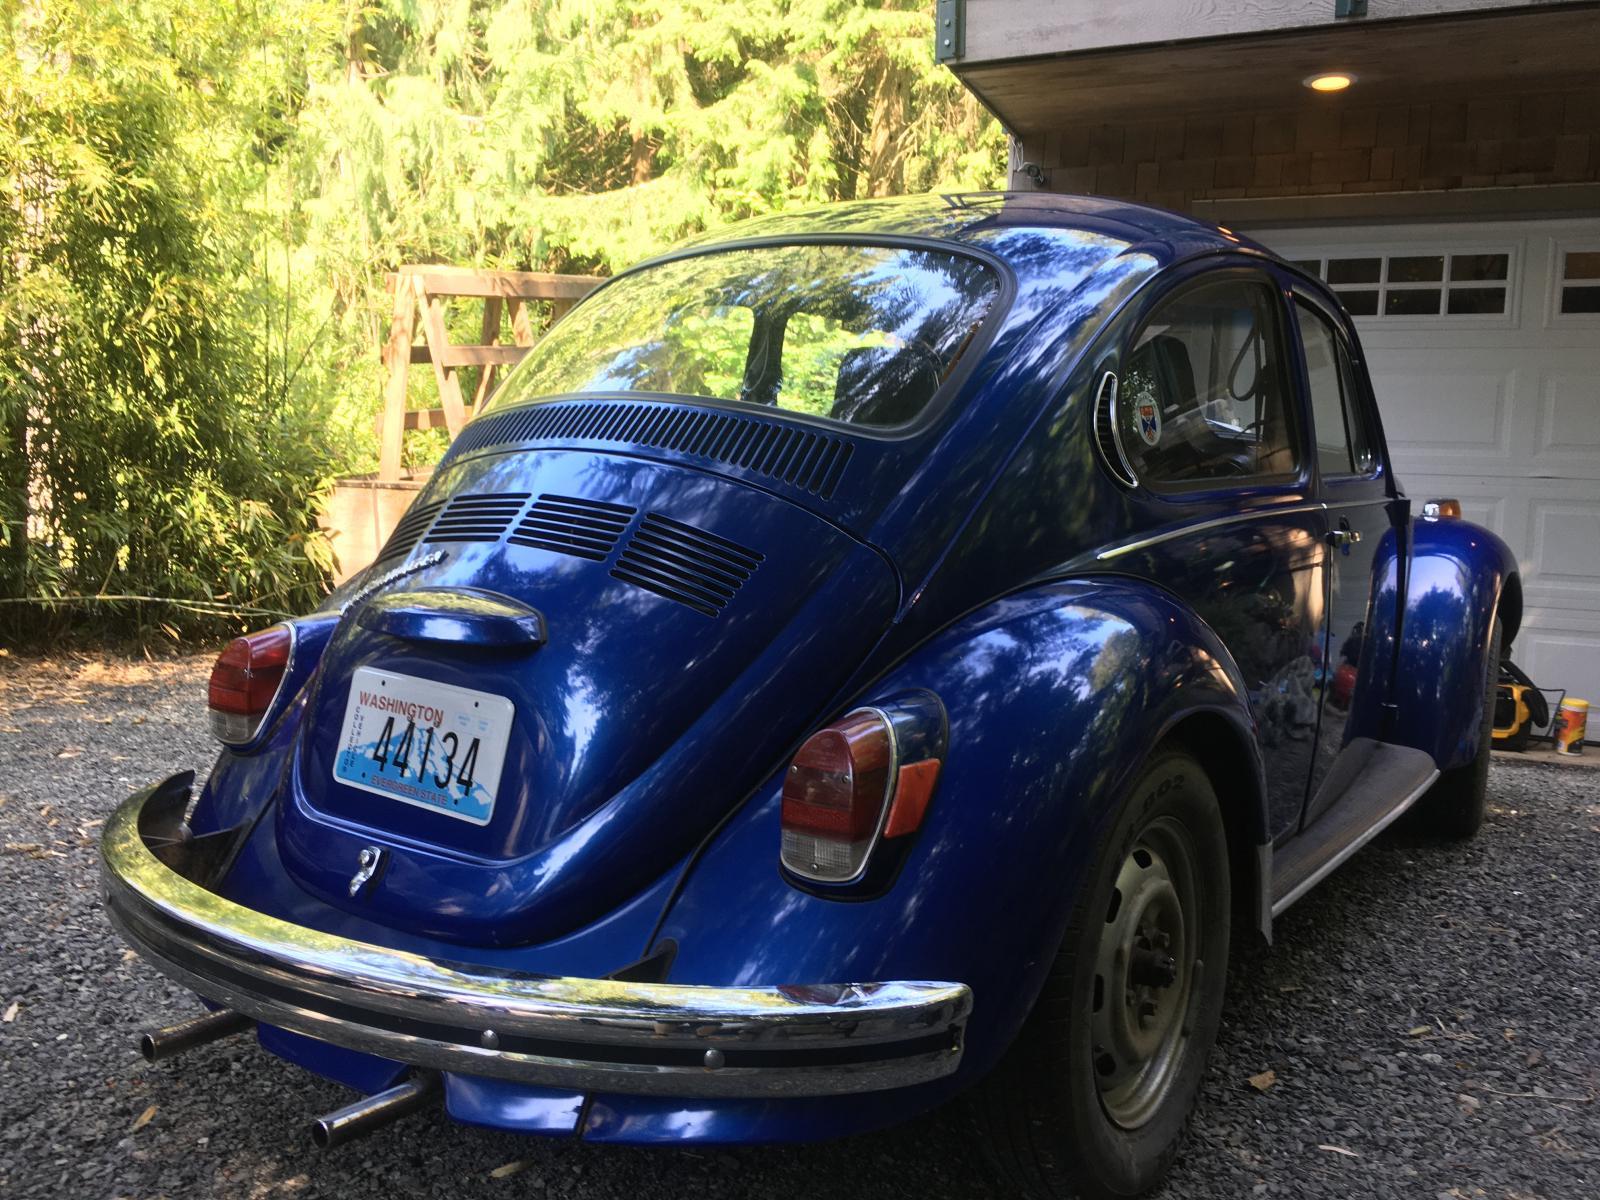 Leo 1972 Super Beetle Sunroof - Exterior Walk Around